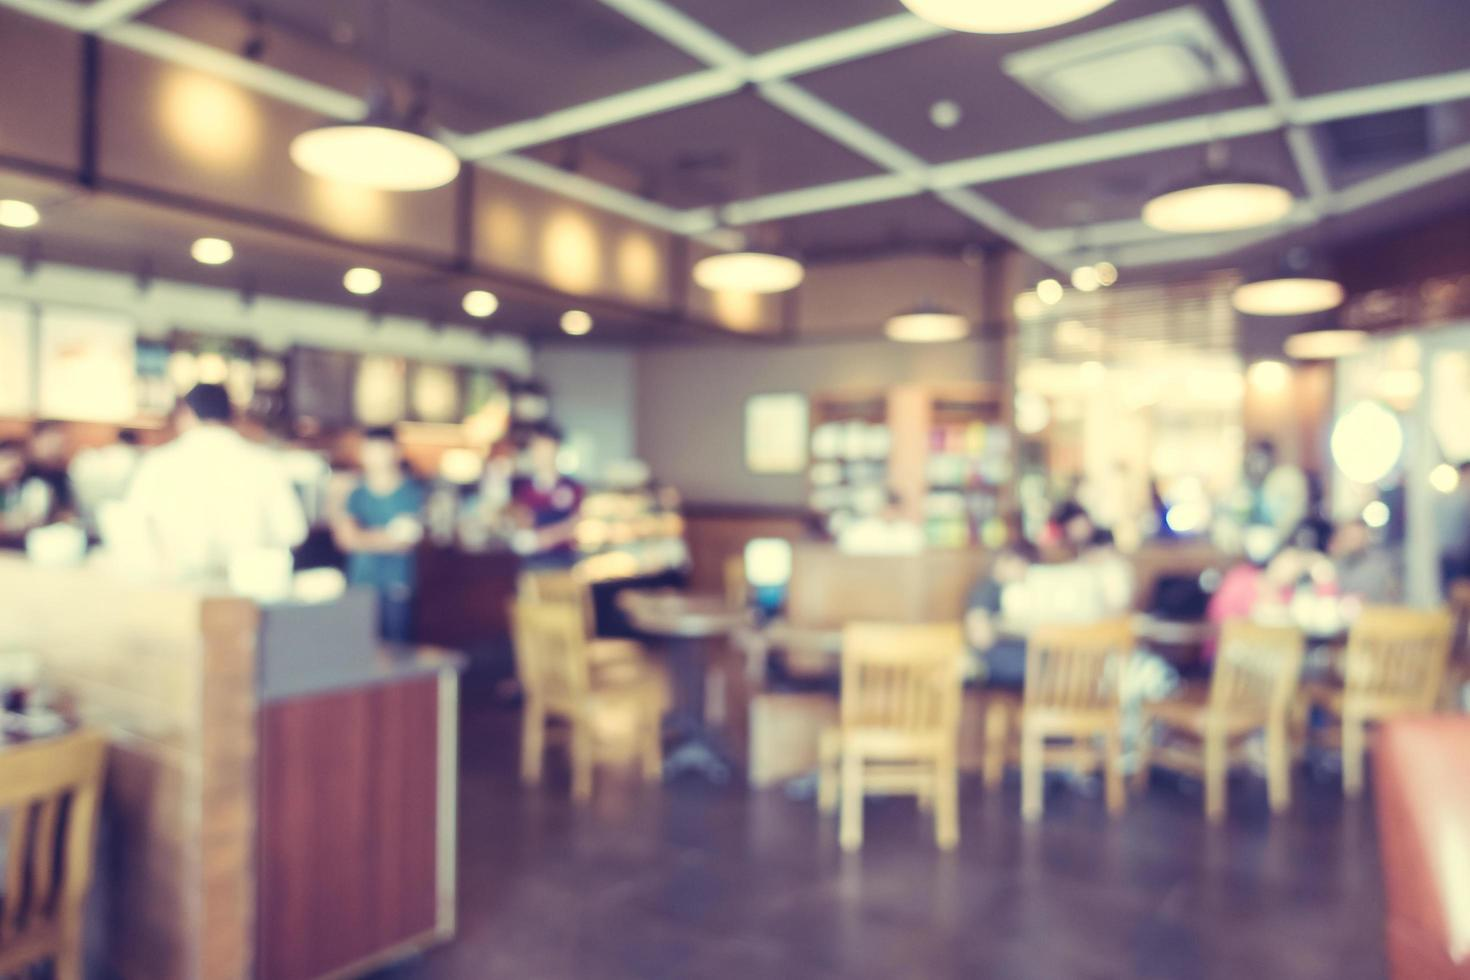 desenfoque abstracto y cafetería desenfocada foto